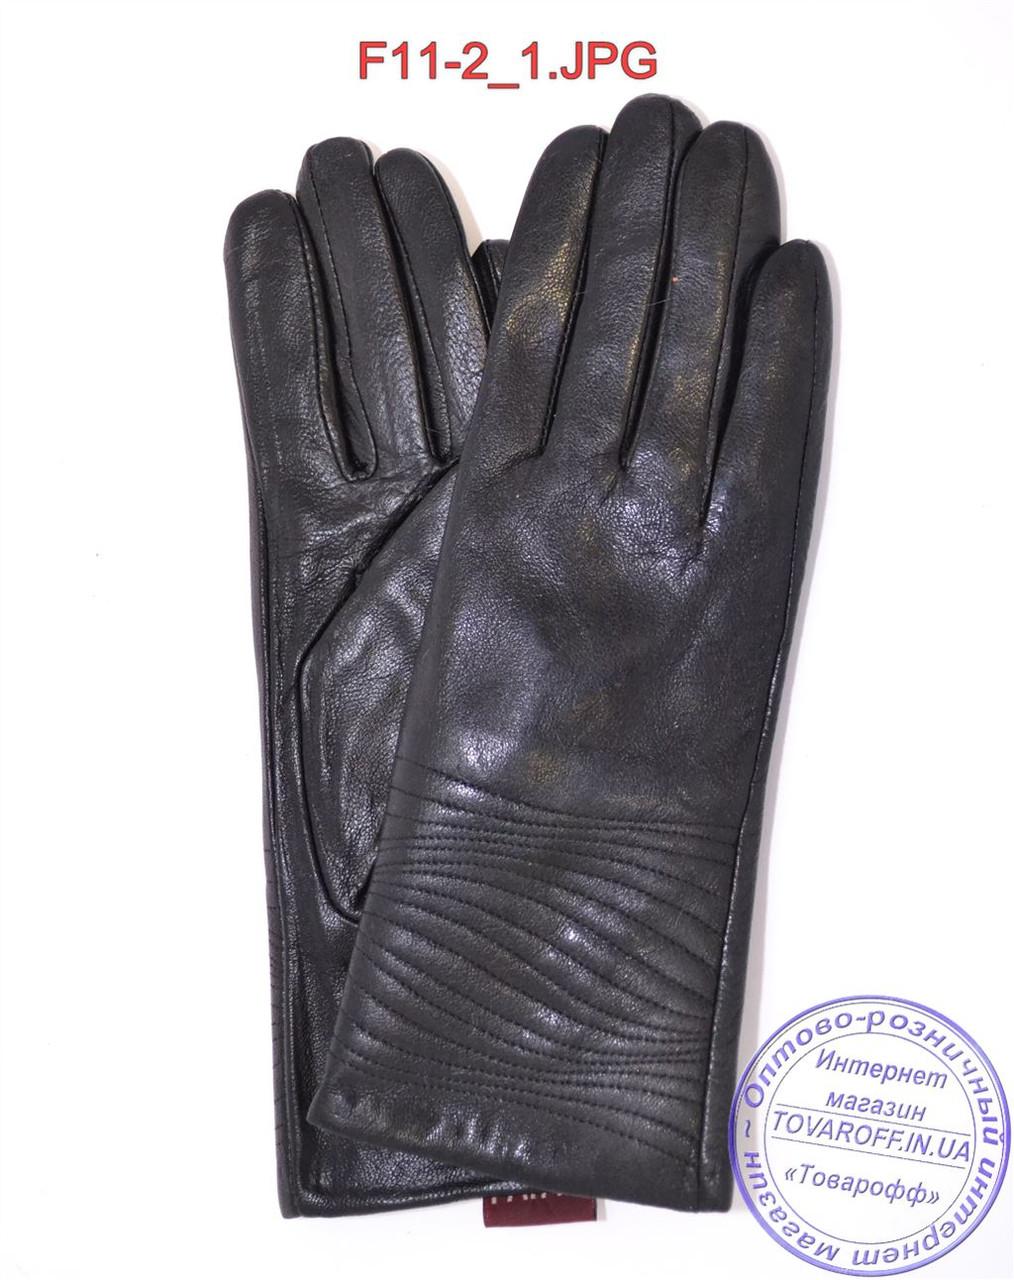 Женские кожаные зимние перчатки на меху кролика (мех искусственный) - F11-2